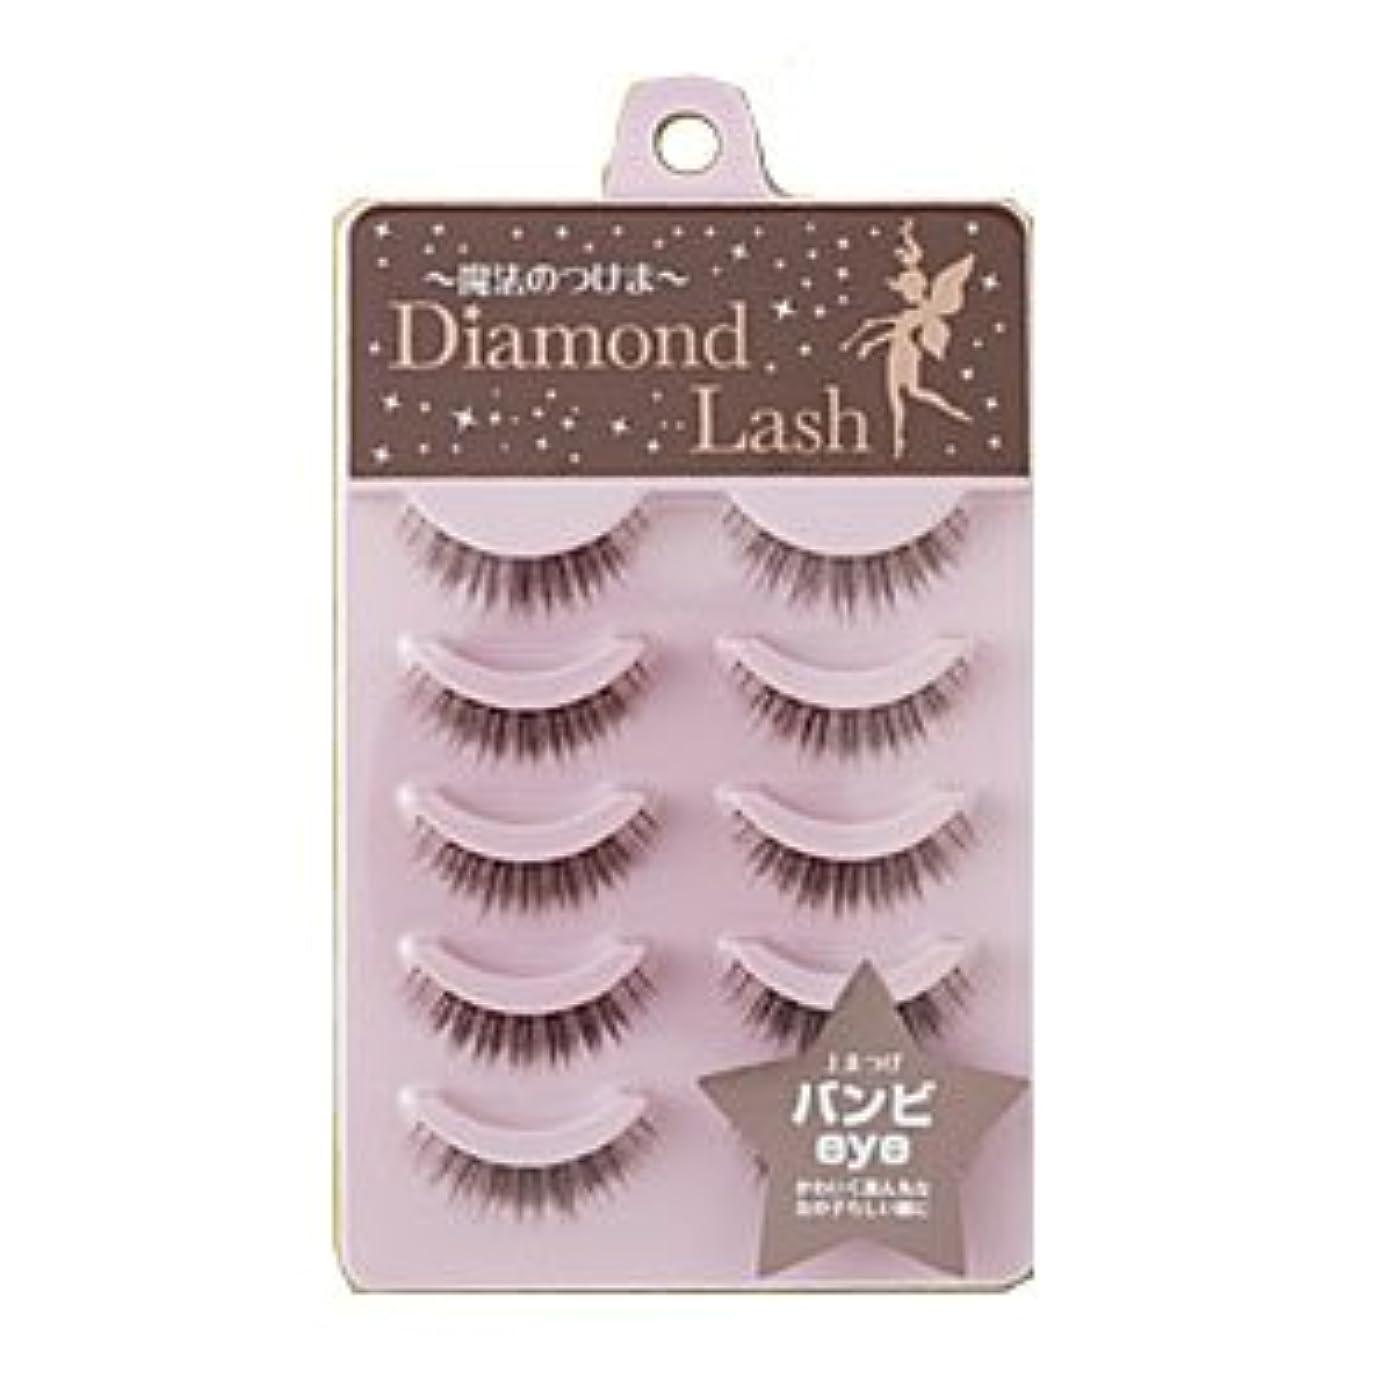 出身地帽子提供するダイヤモンドラッシュ Diamond Lash つけまつげ リッチブラウンシリーズ バンビeye